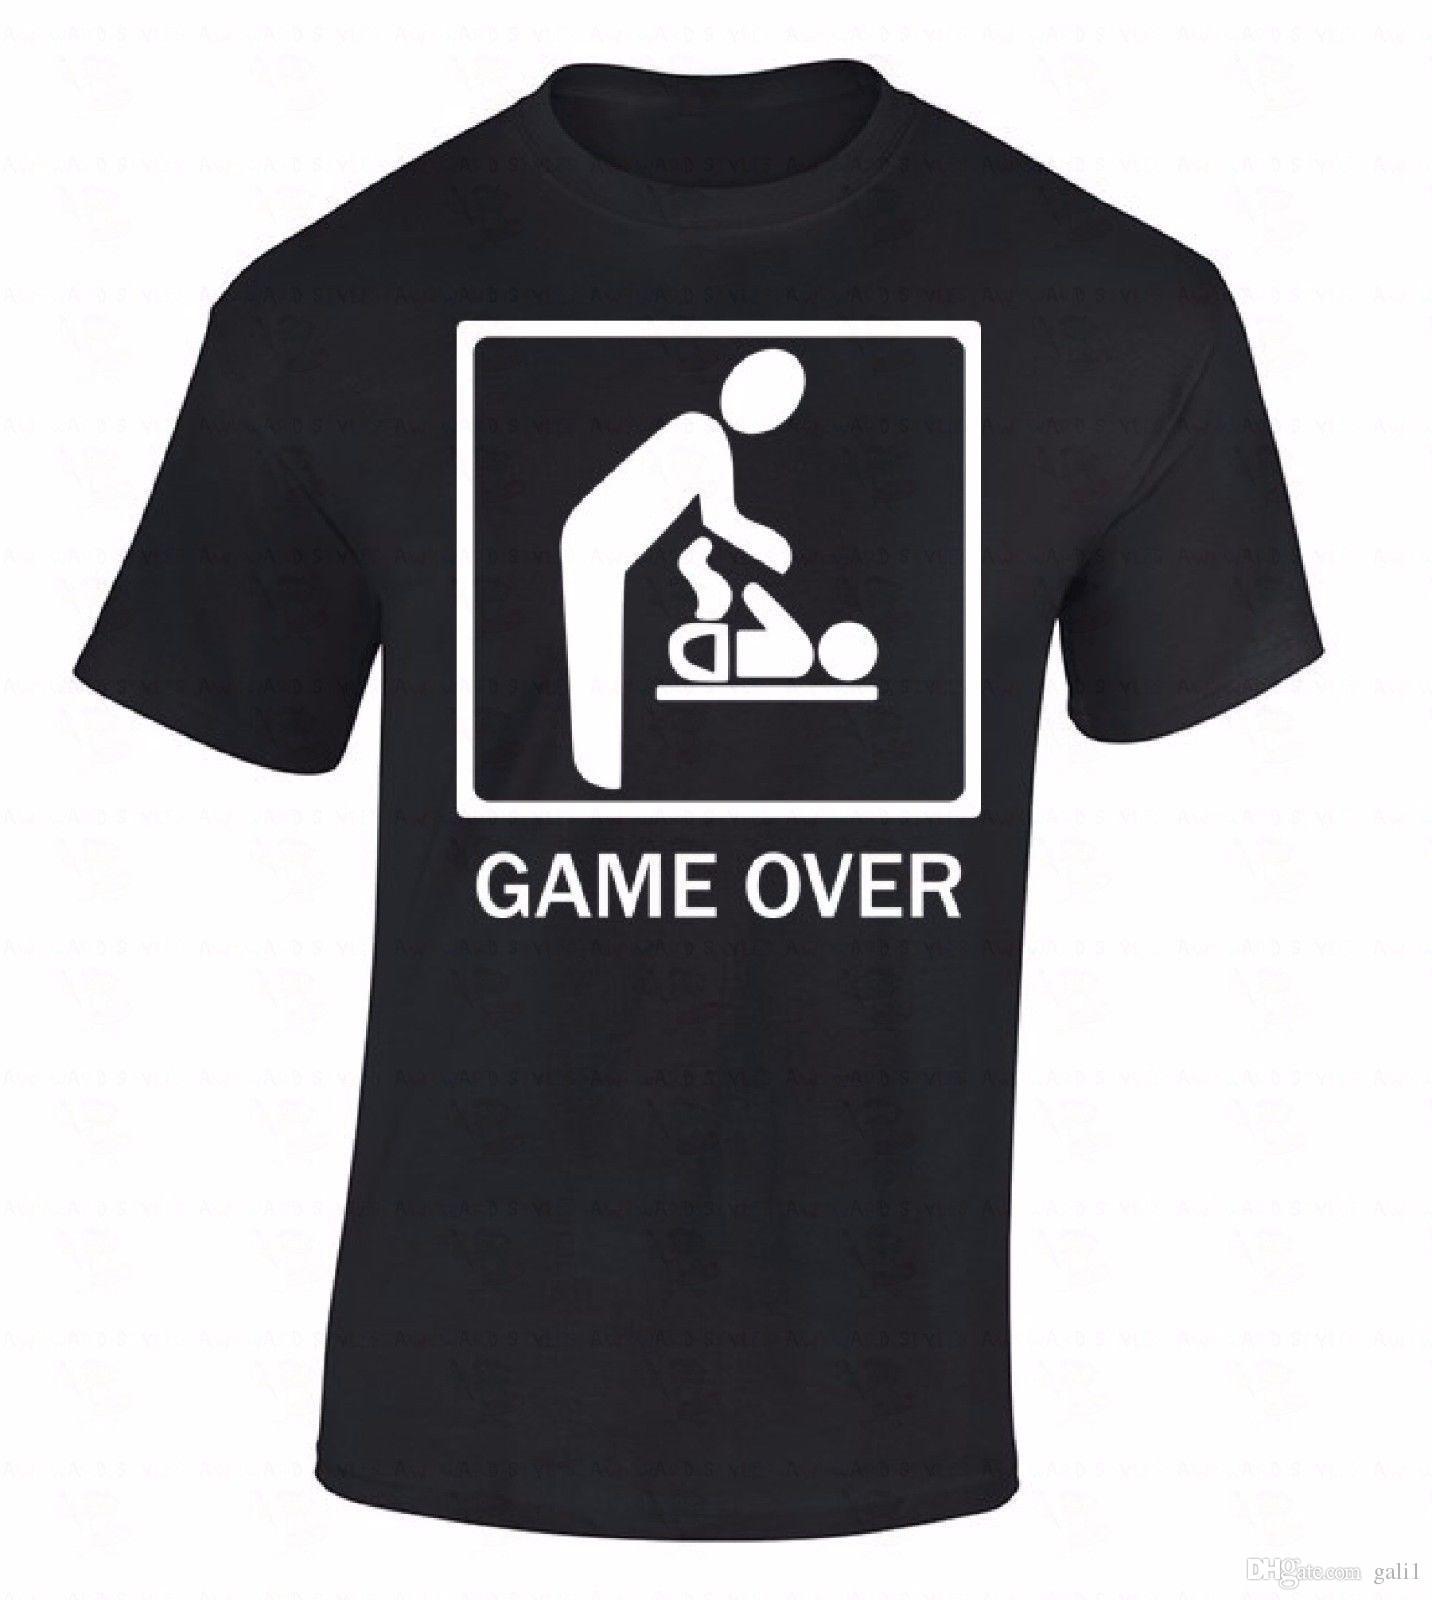 Großhandel Spiel Über T Shirt Hochzeit Ehe Elternteil Kind Lustige Humor  Witz Geschenk Shirt Neue Metall Kurzarm Freizeithemd Von Gali1,  11.56 Auf  De. 69c460f1bc